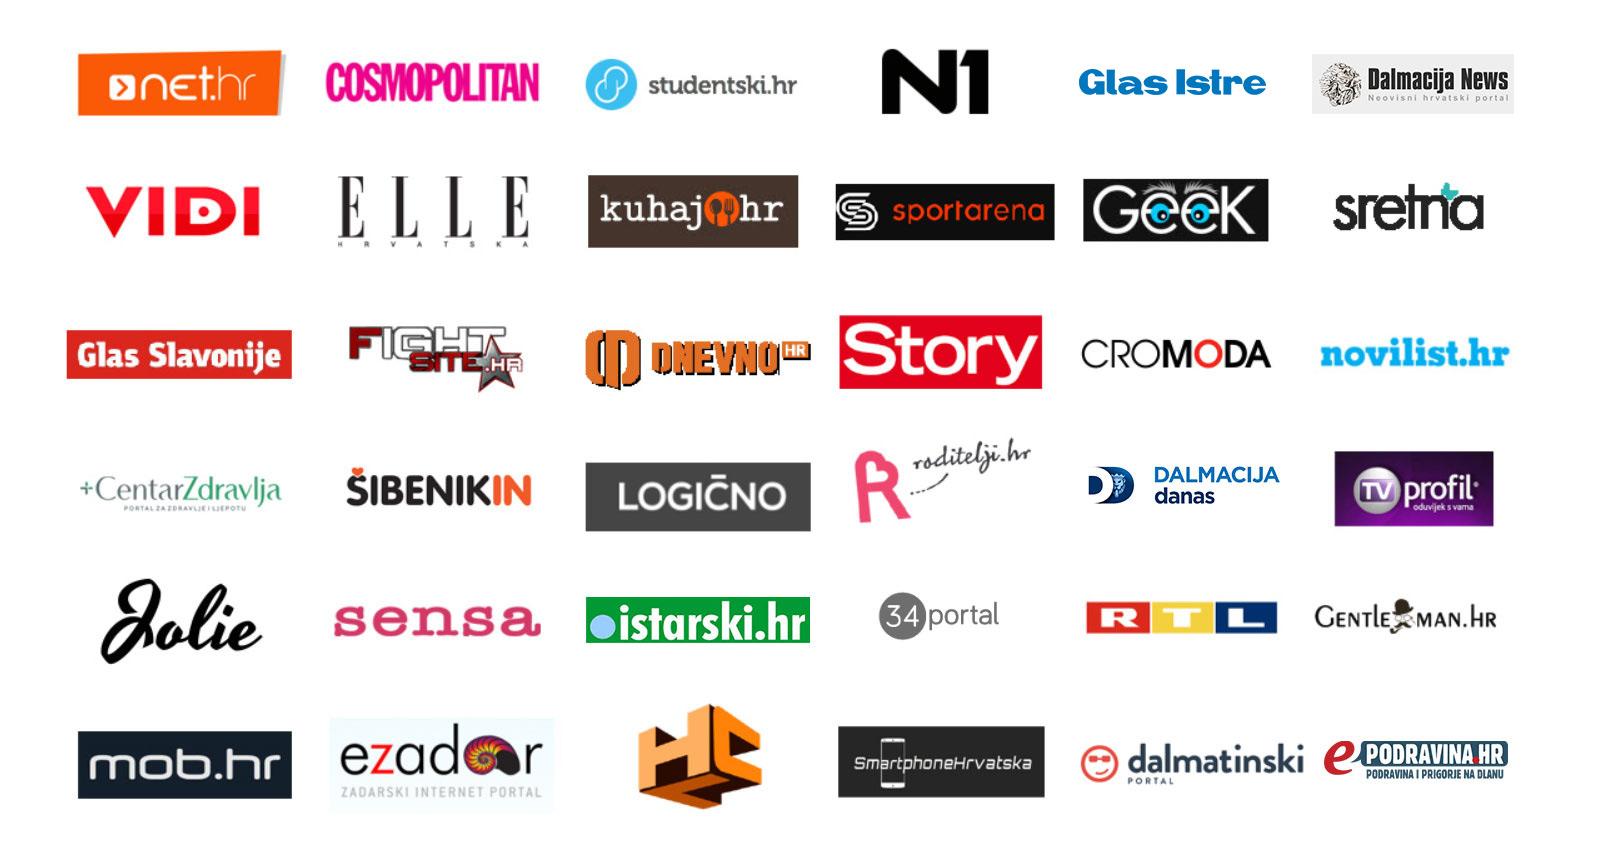 besplatno upoznavanje web stranice besplatno razmjena poruka najbolje stranice za upoznavanje Kolumbija